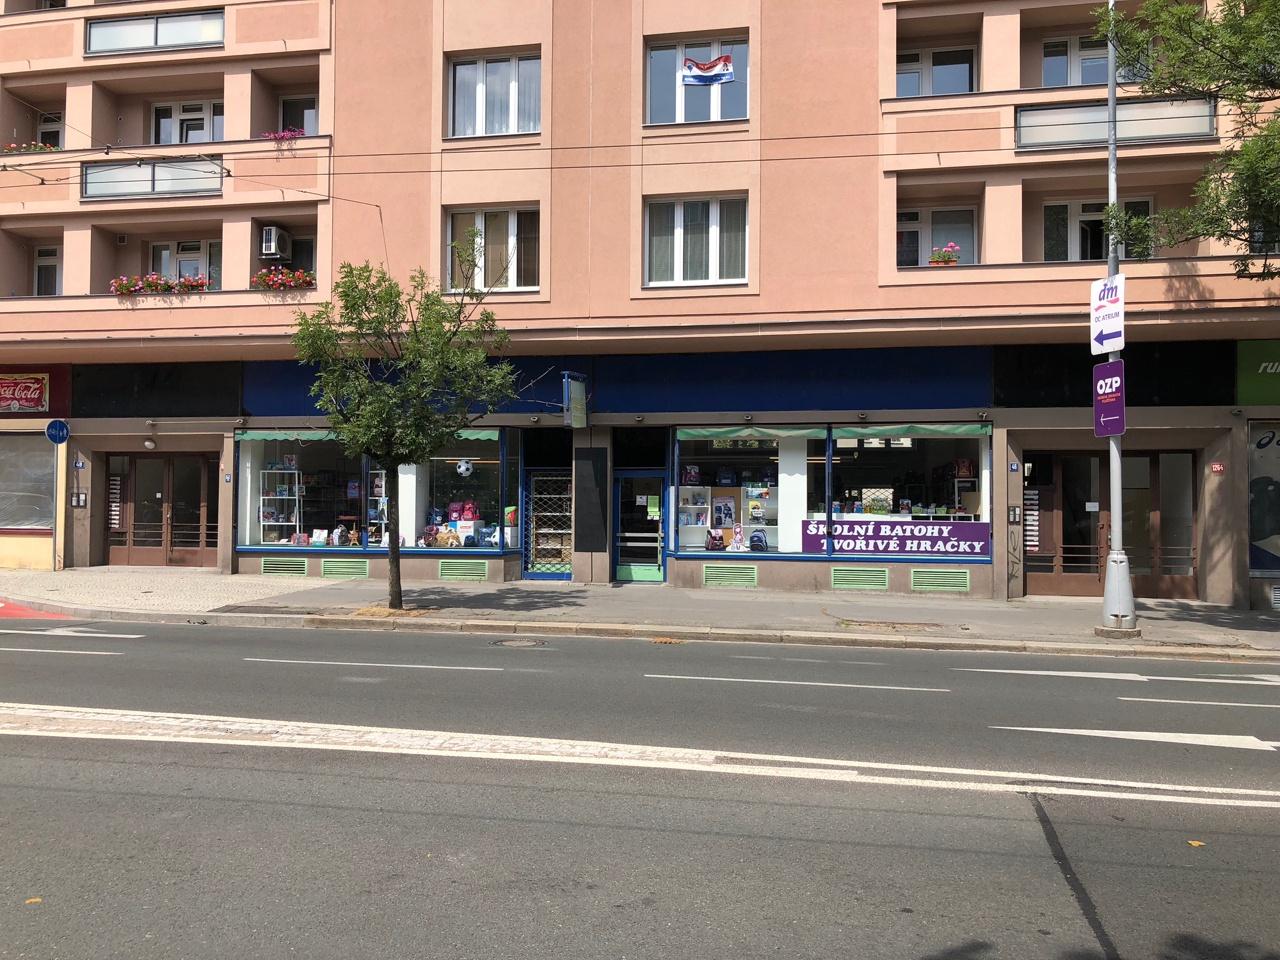 prodejna Školní batohy, Hradec Králové